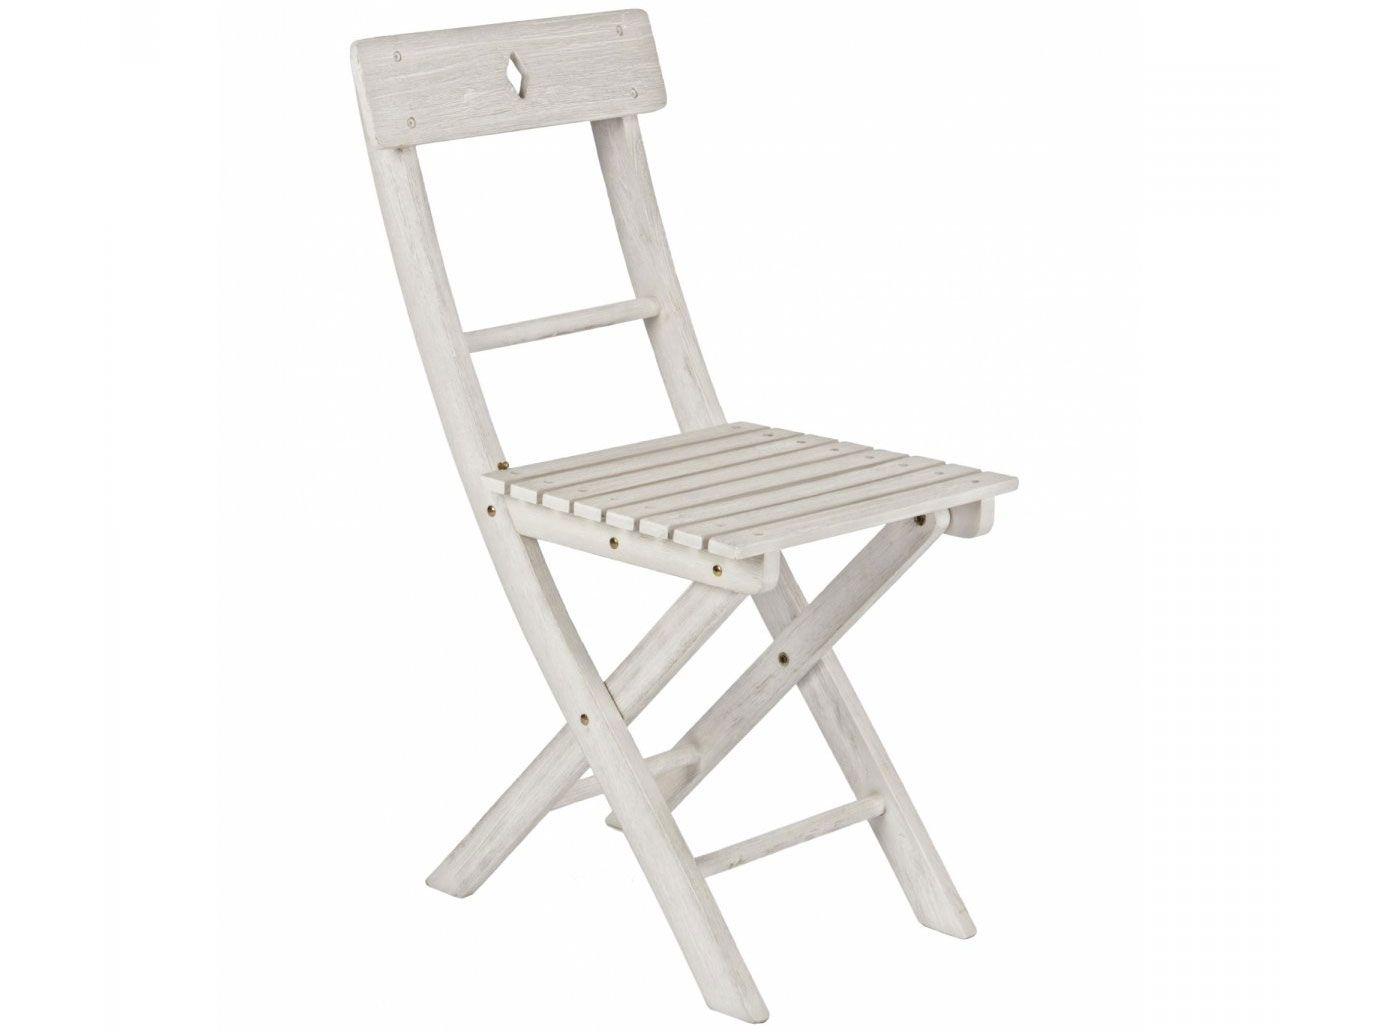 Sedie A Sdraio Brico : Scopri online tutti i prezzi e le offerte per sedia balcony acacia